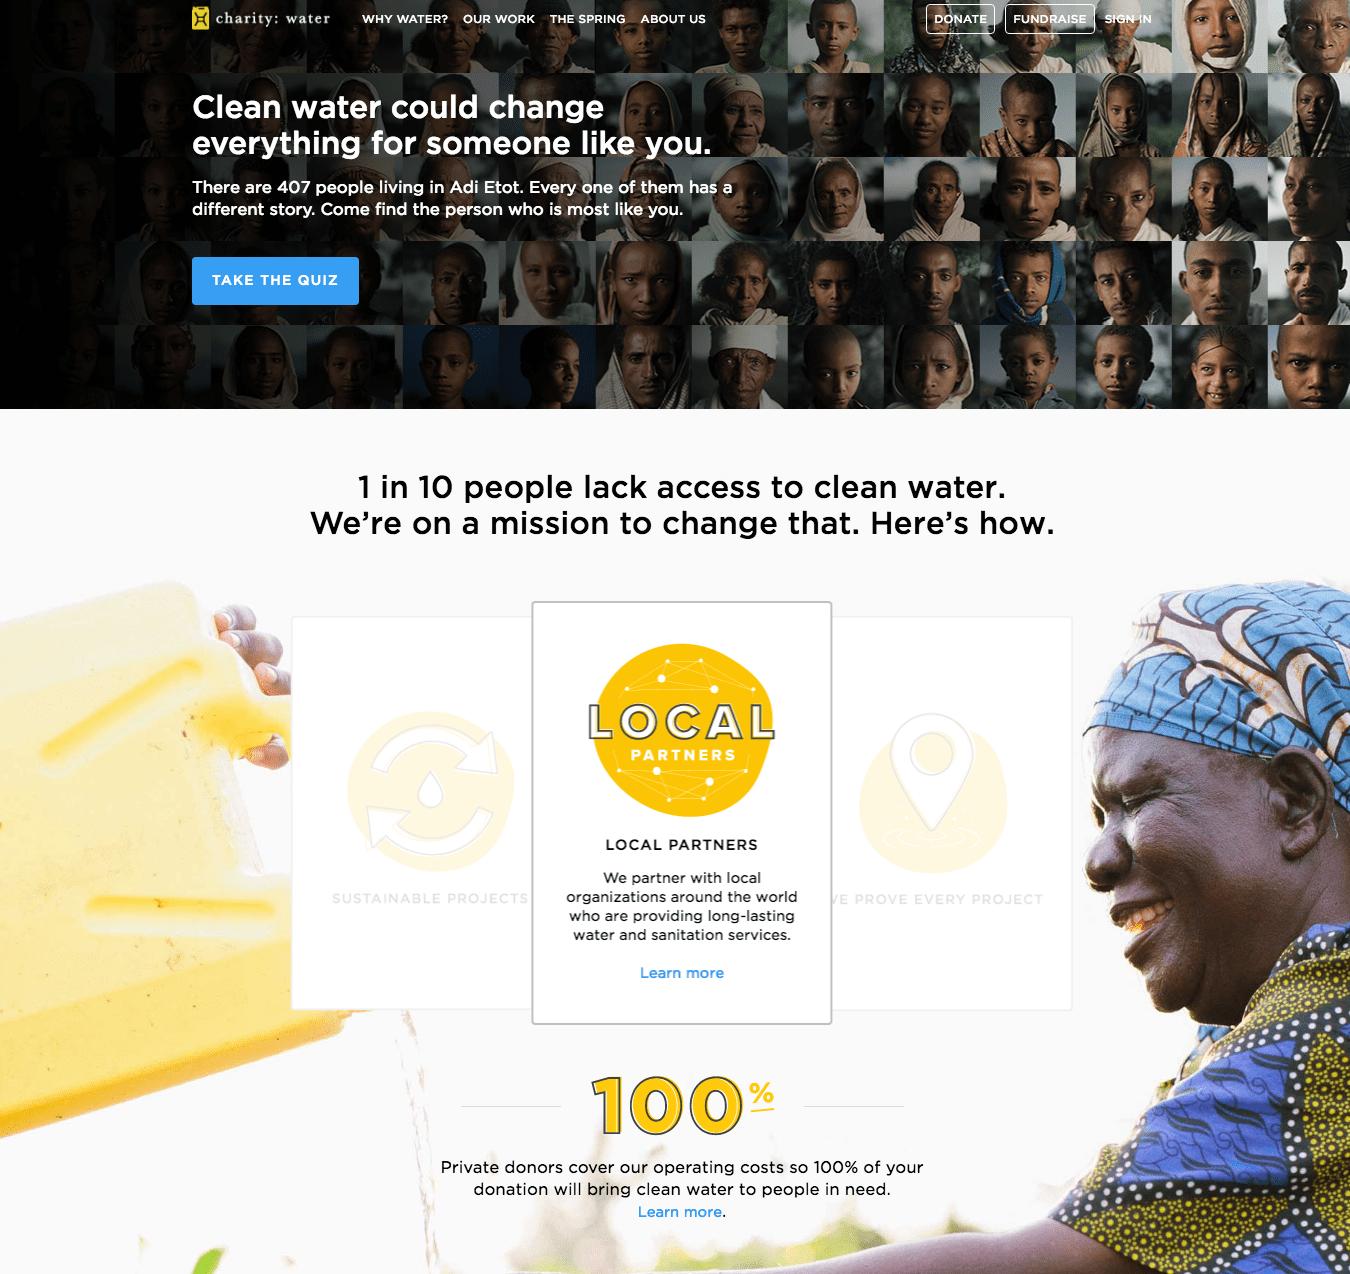 慈善water-homepage-update.png